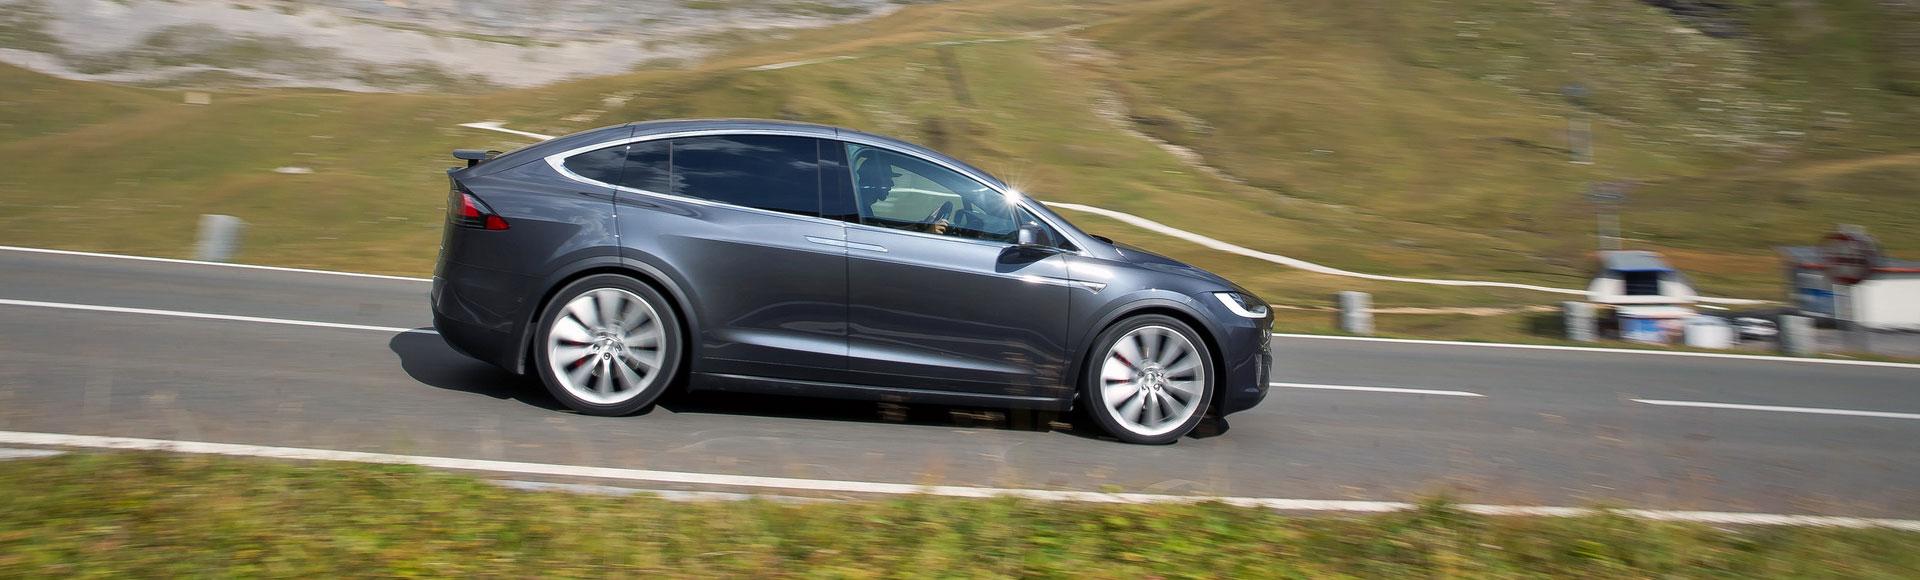 Tesla Model X 2016 325 Sommer Herbst